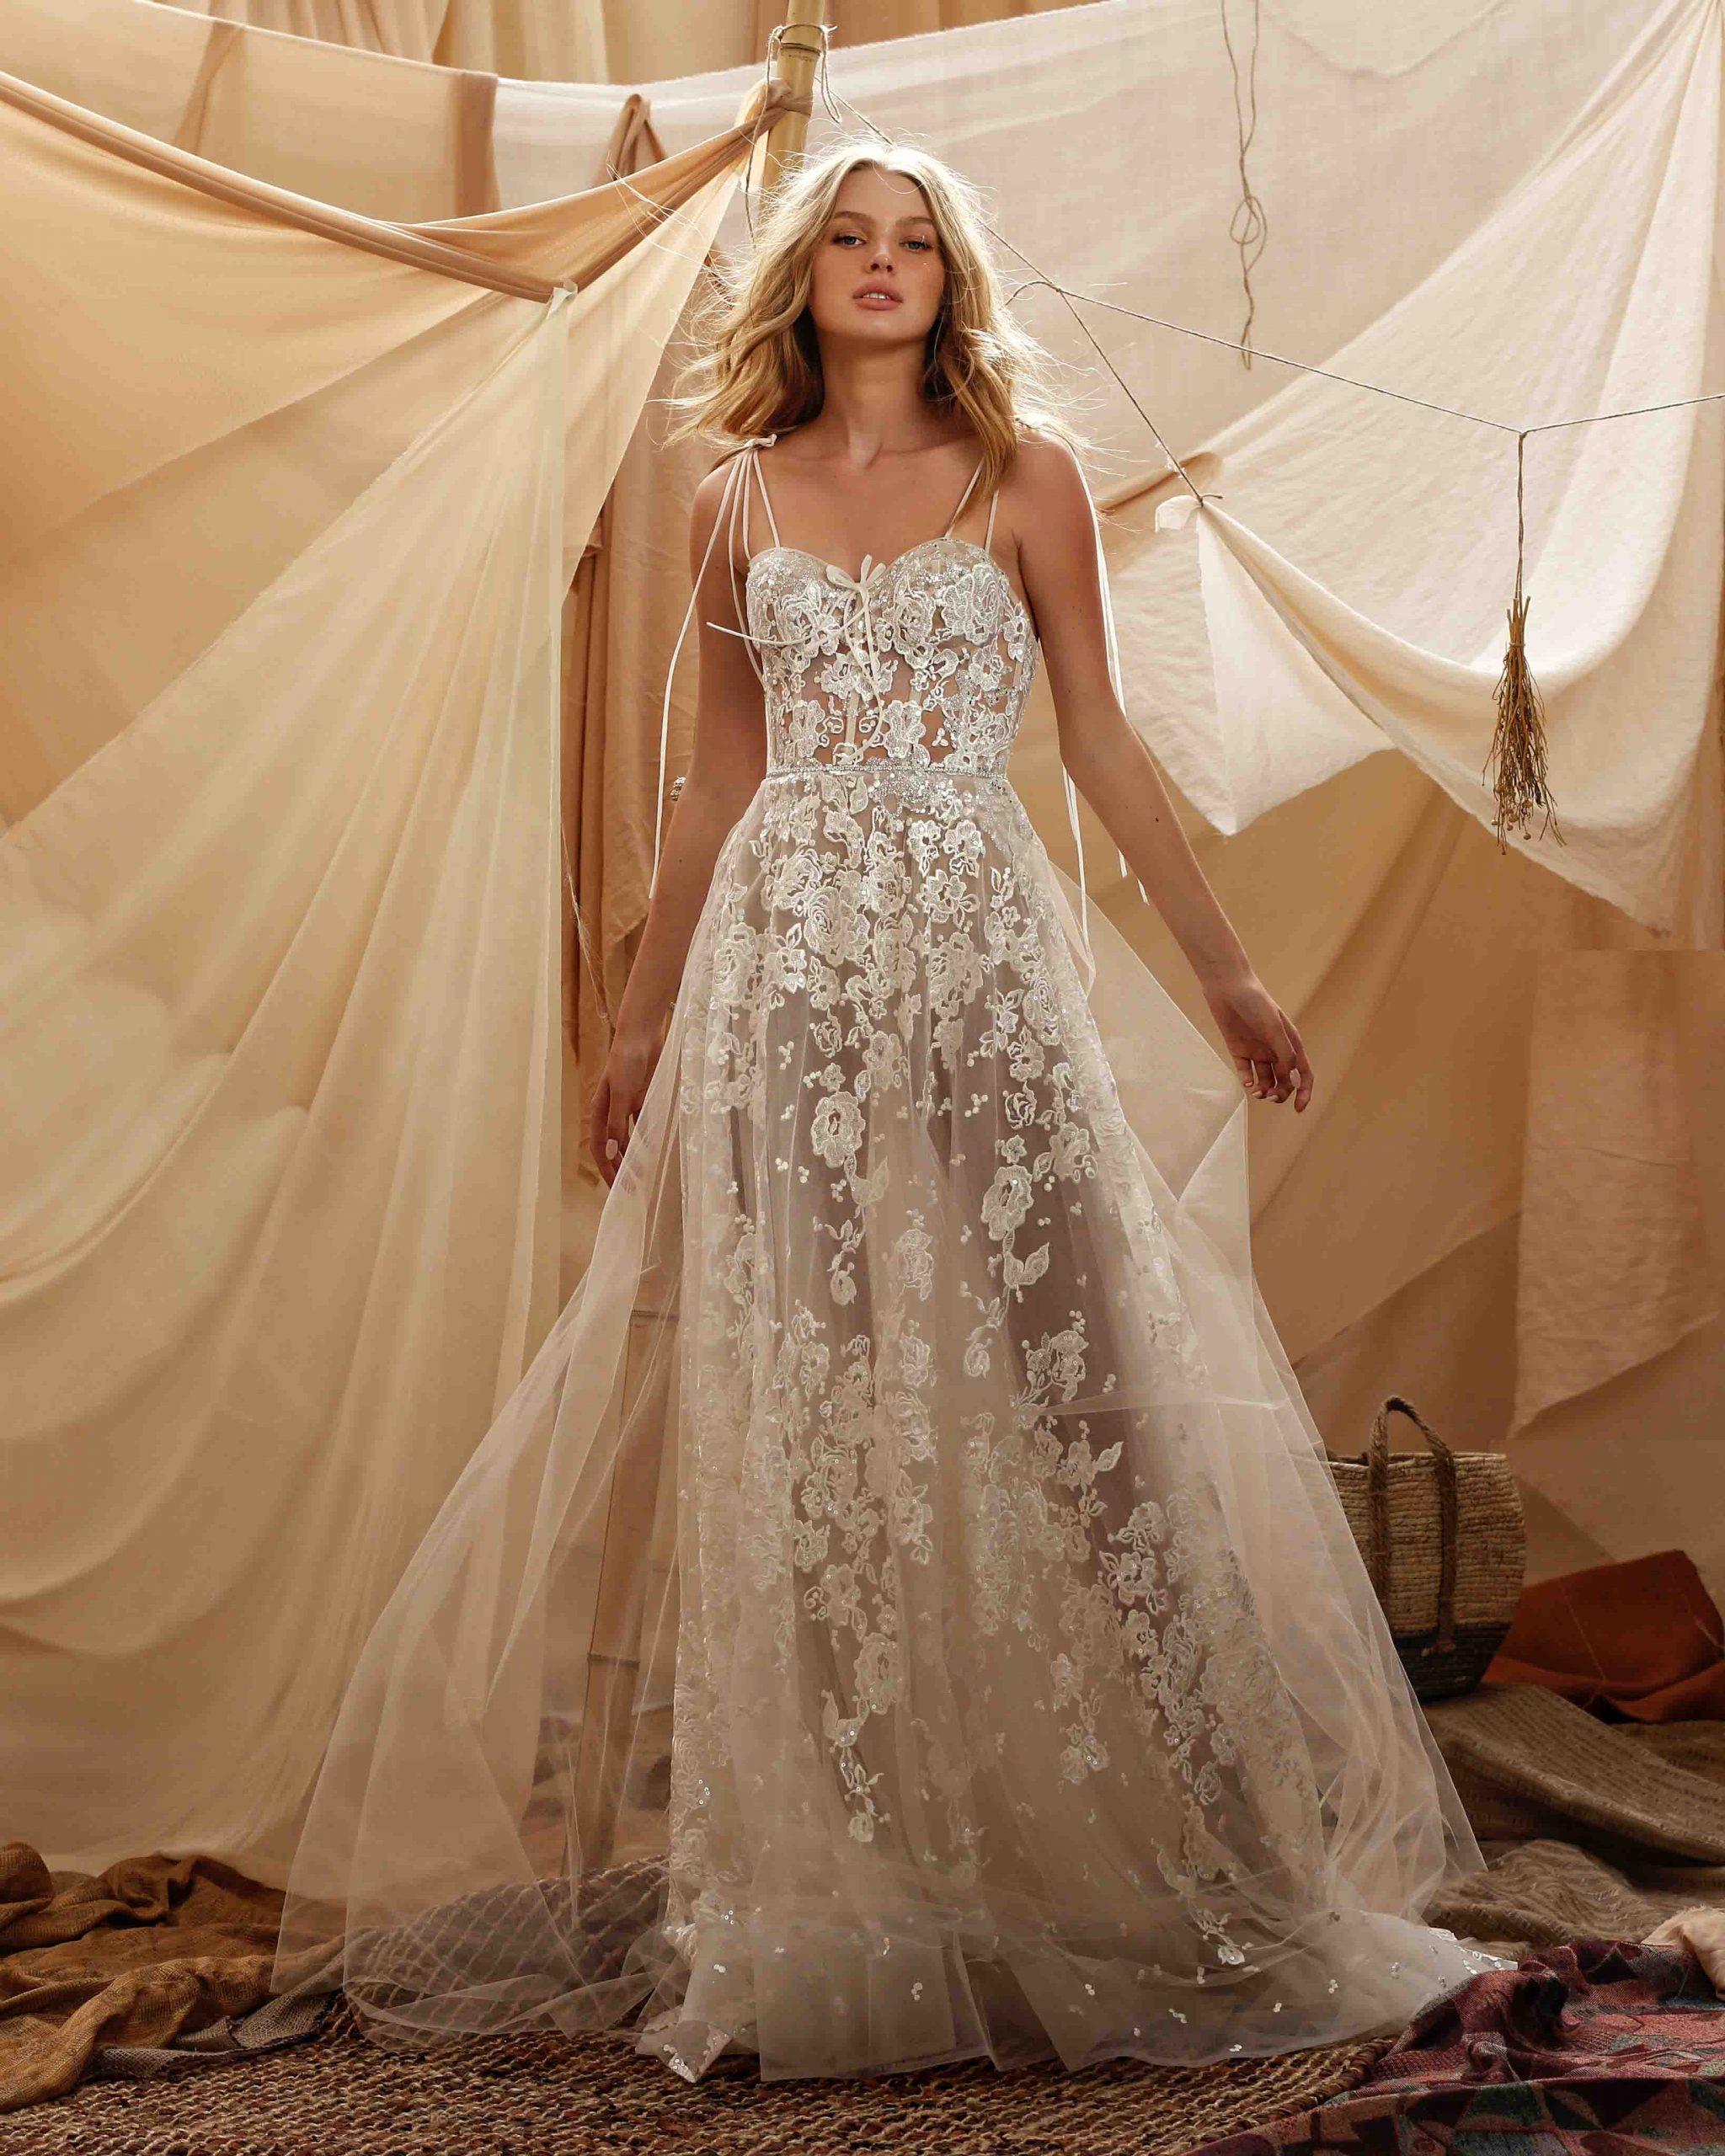 Muse by Berta Bridal SS 2021, cea mai aşteptată colecţie de rochii rochie de mireasă Sursa Berta.com